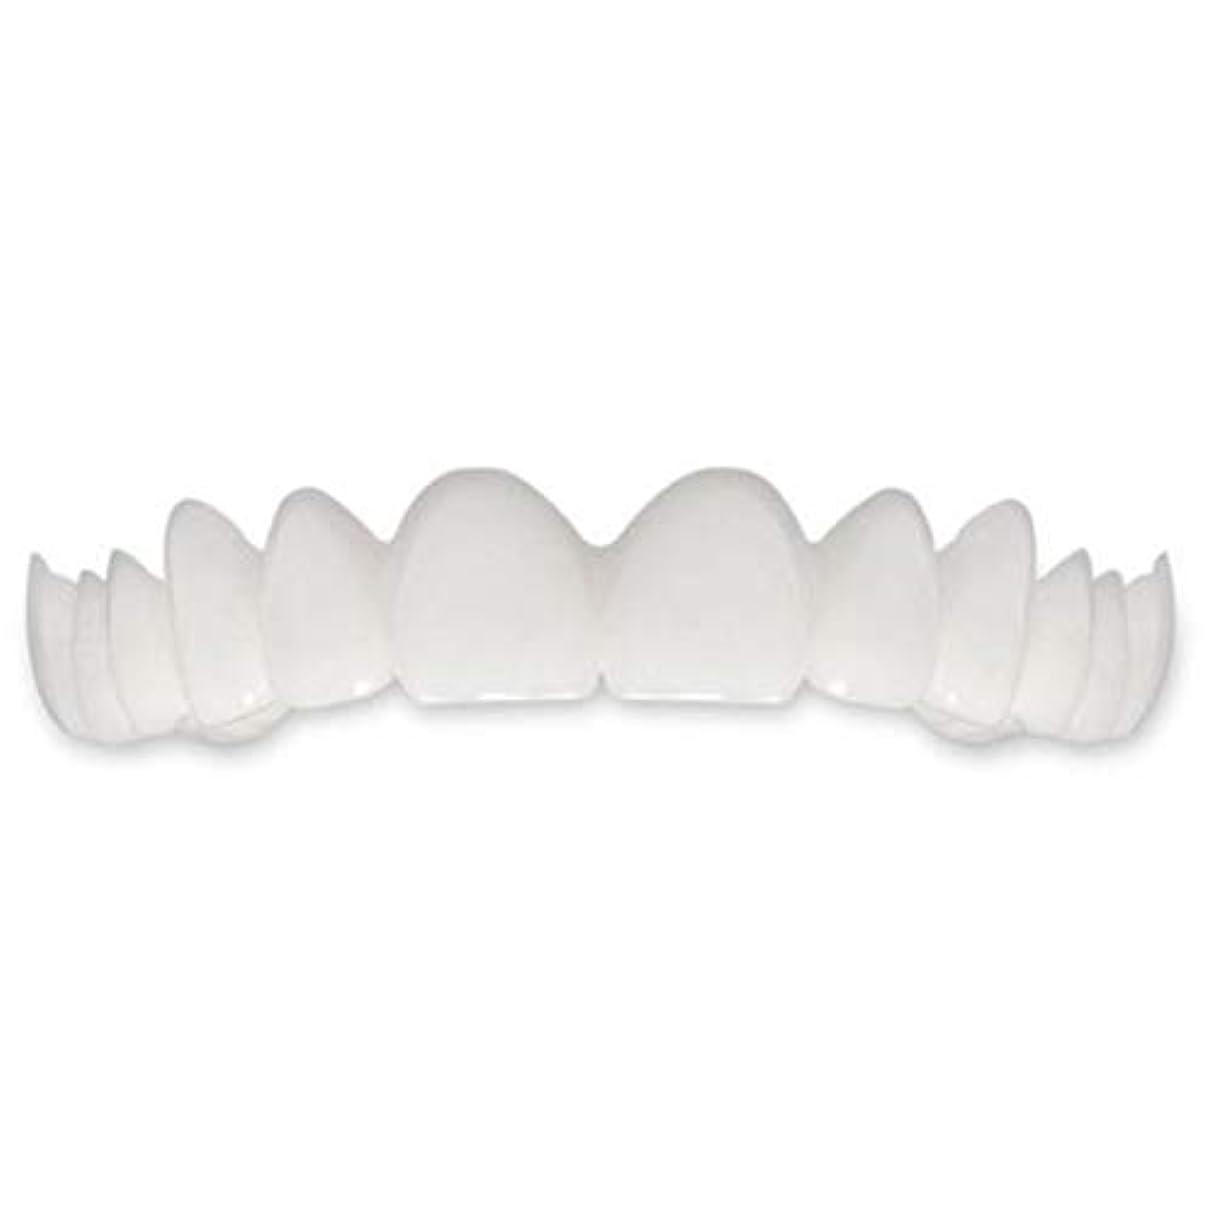 幸運なことにピン意図Tooth Instant Perfect Smile Flex Teeth Whitening Smile False Teeth Cover-ホワイト